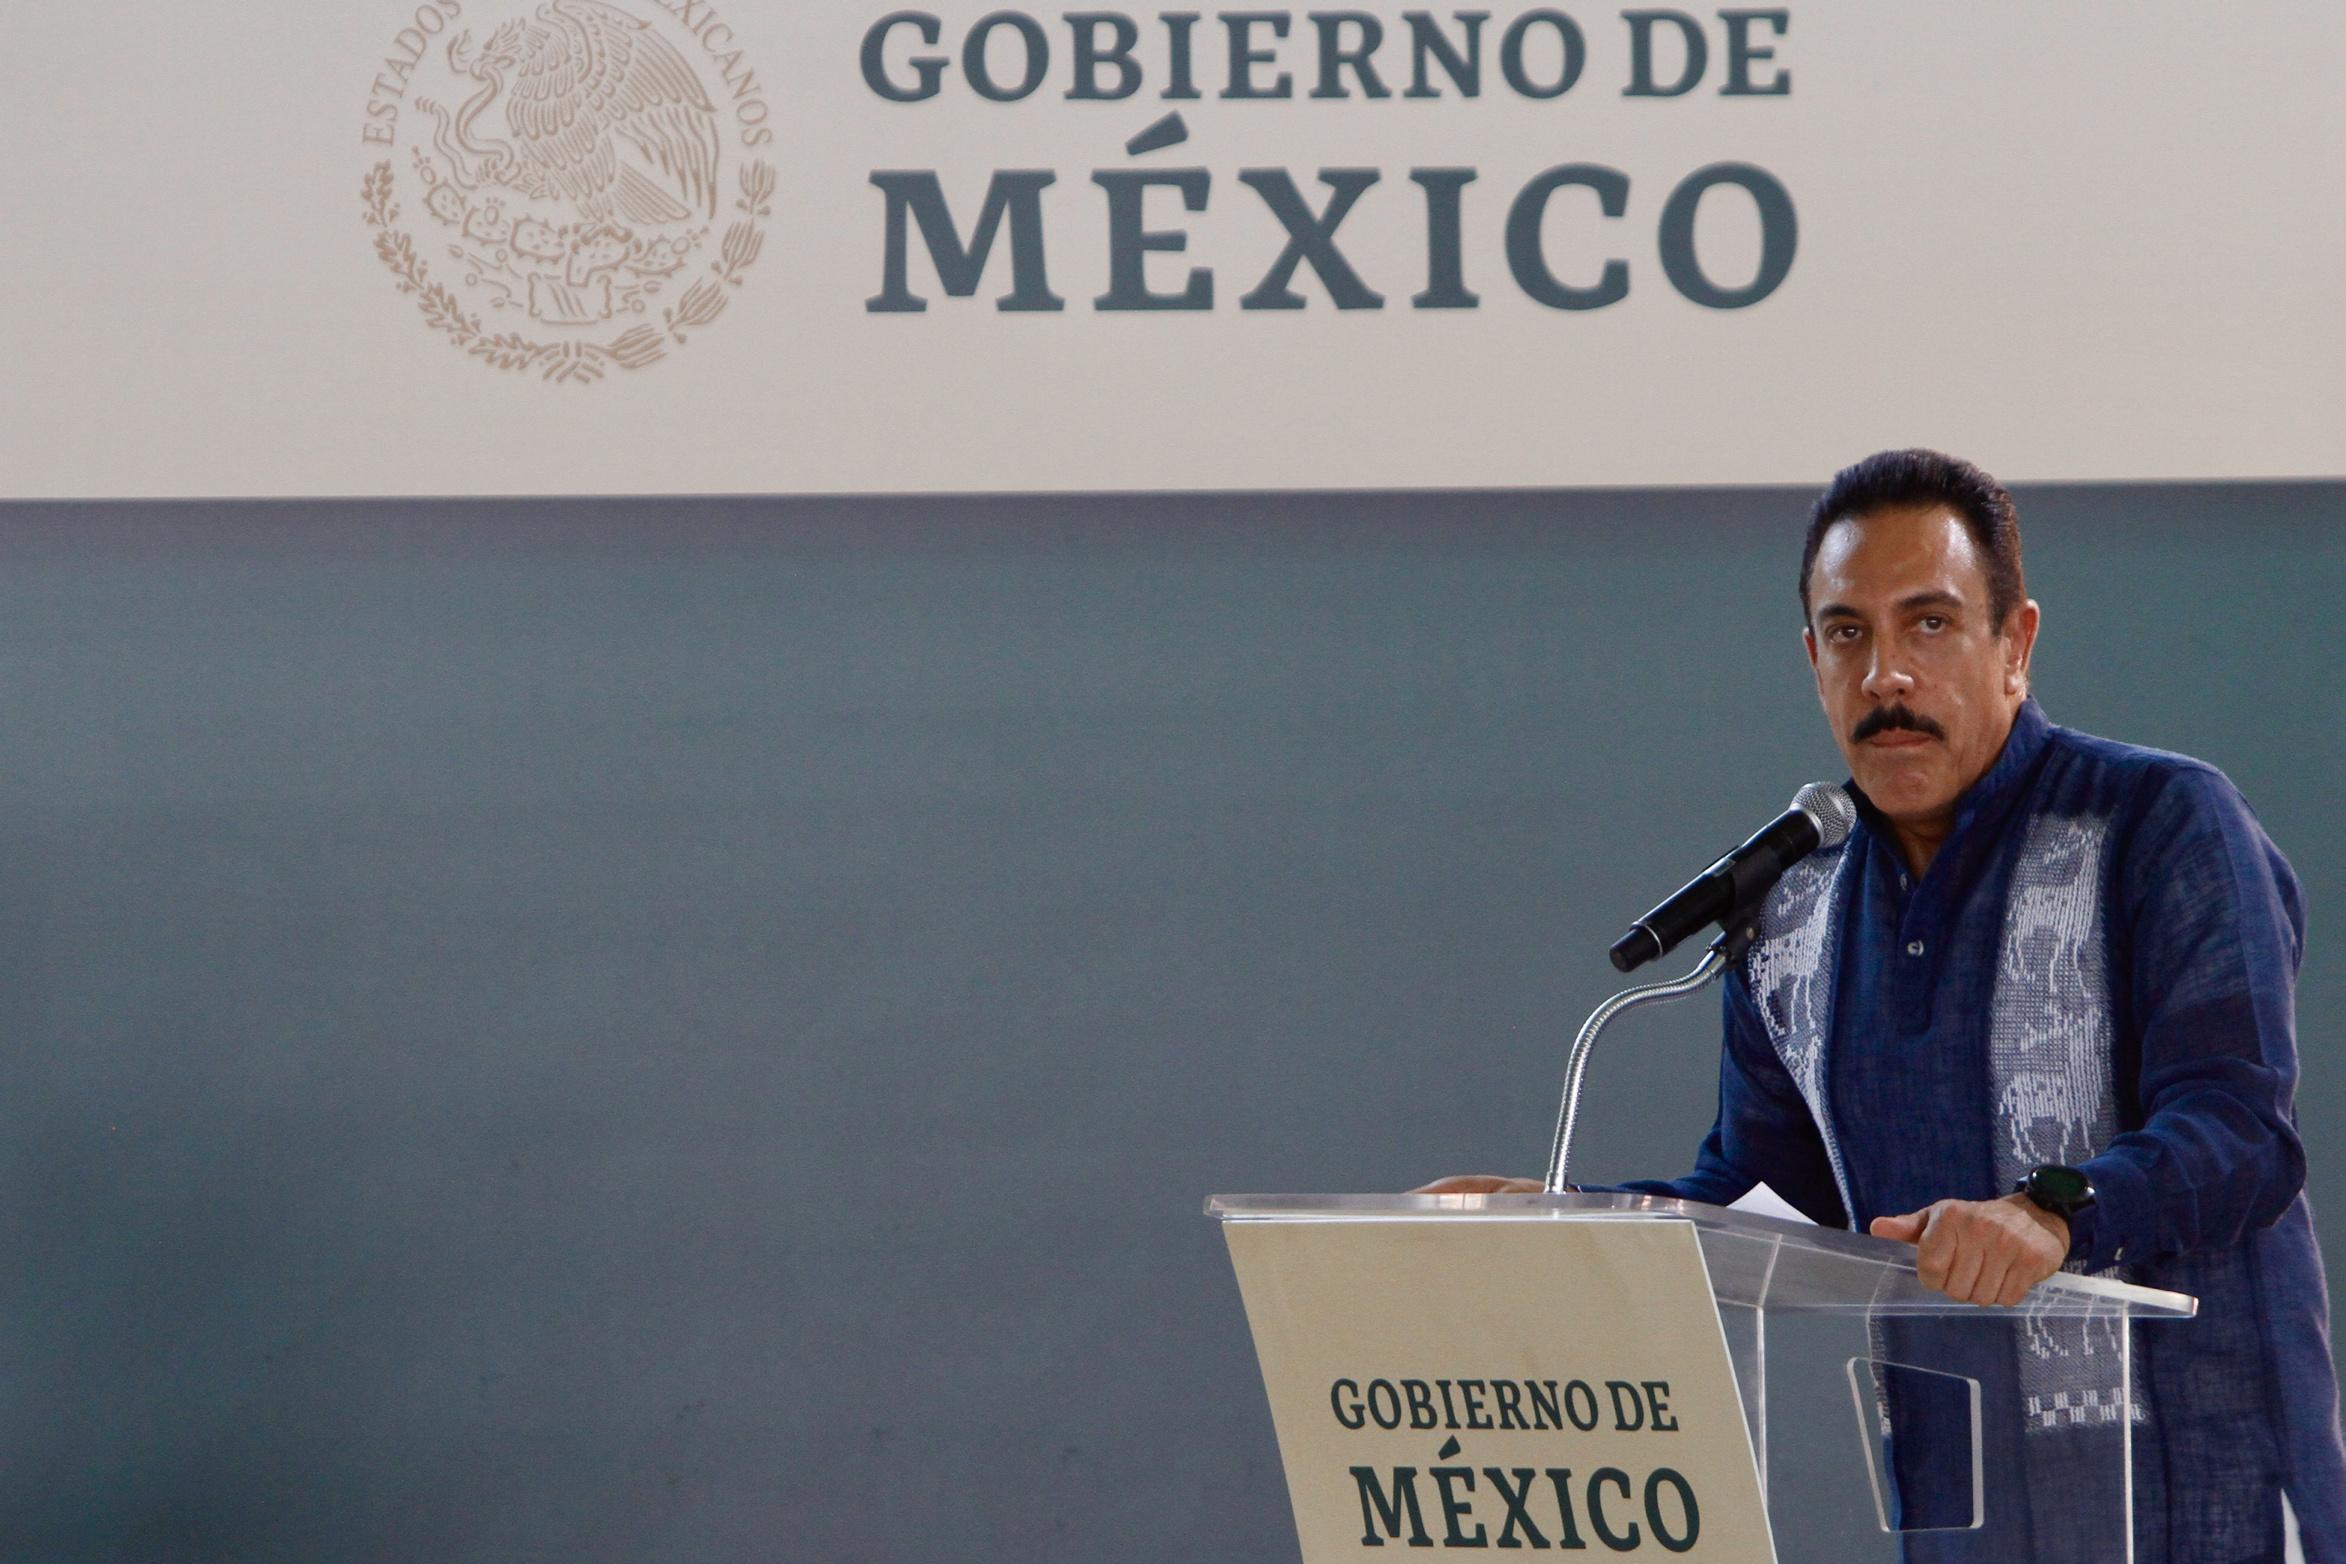 Hay huachicoleros migrando a Hidalgo: Omar Fayad